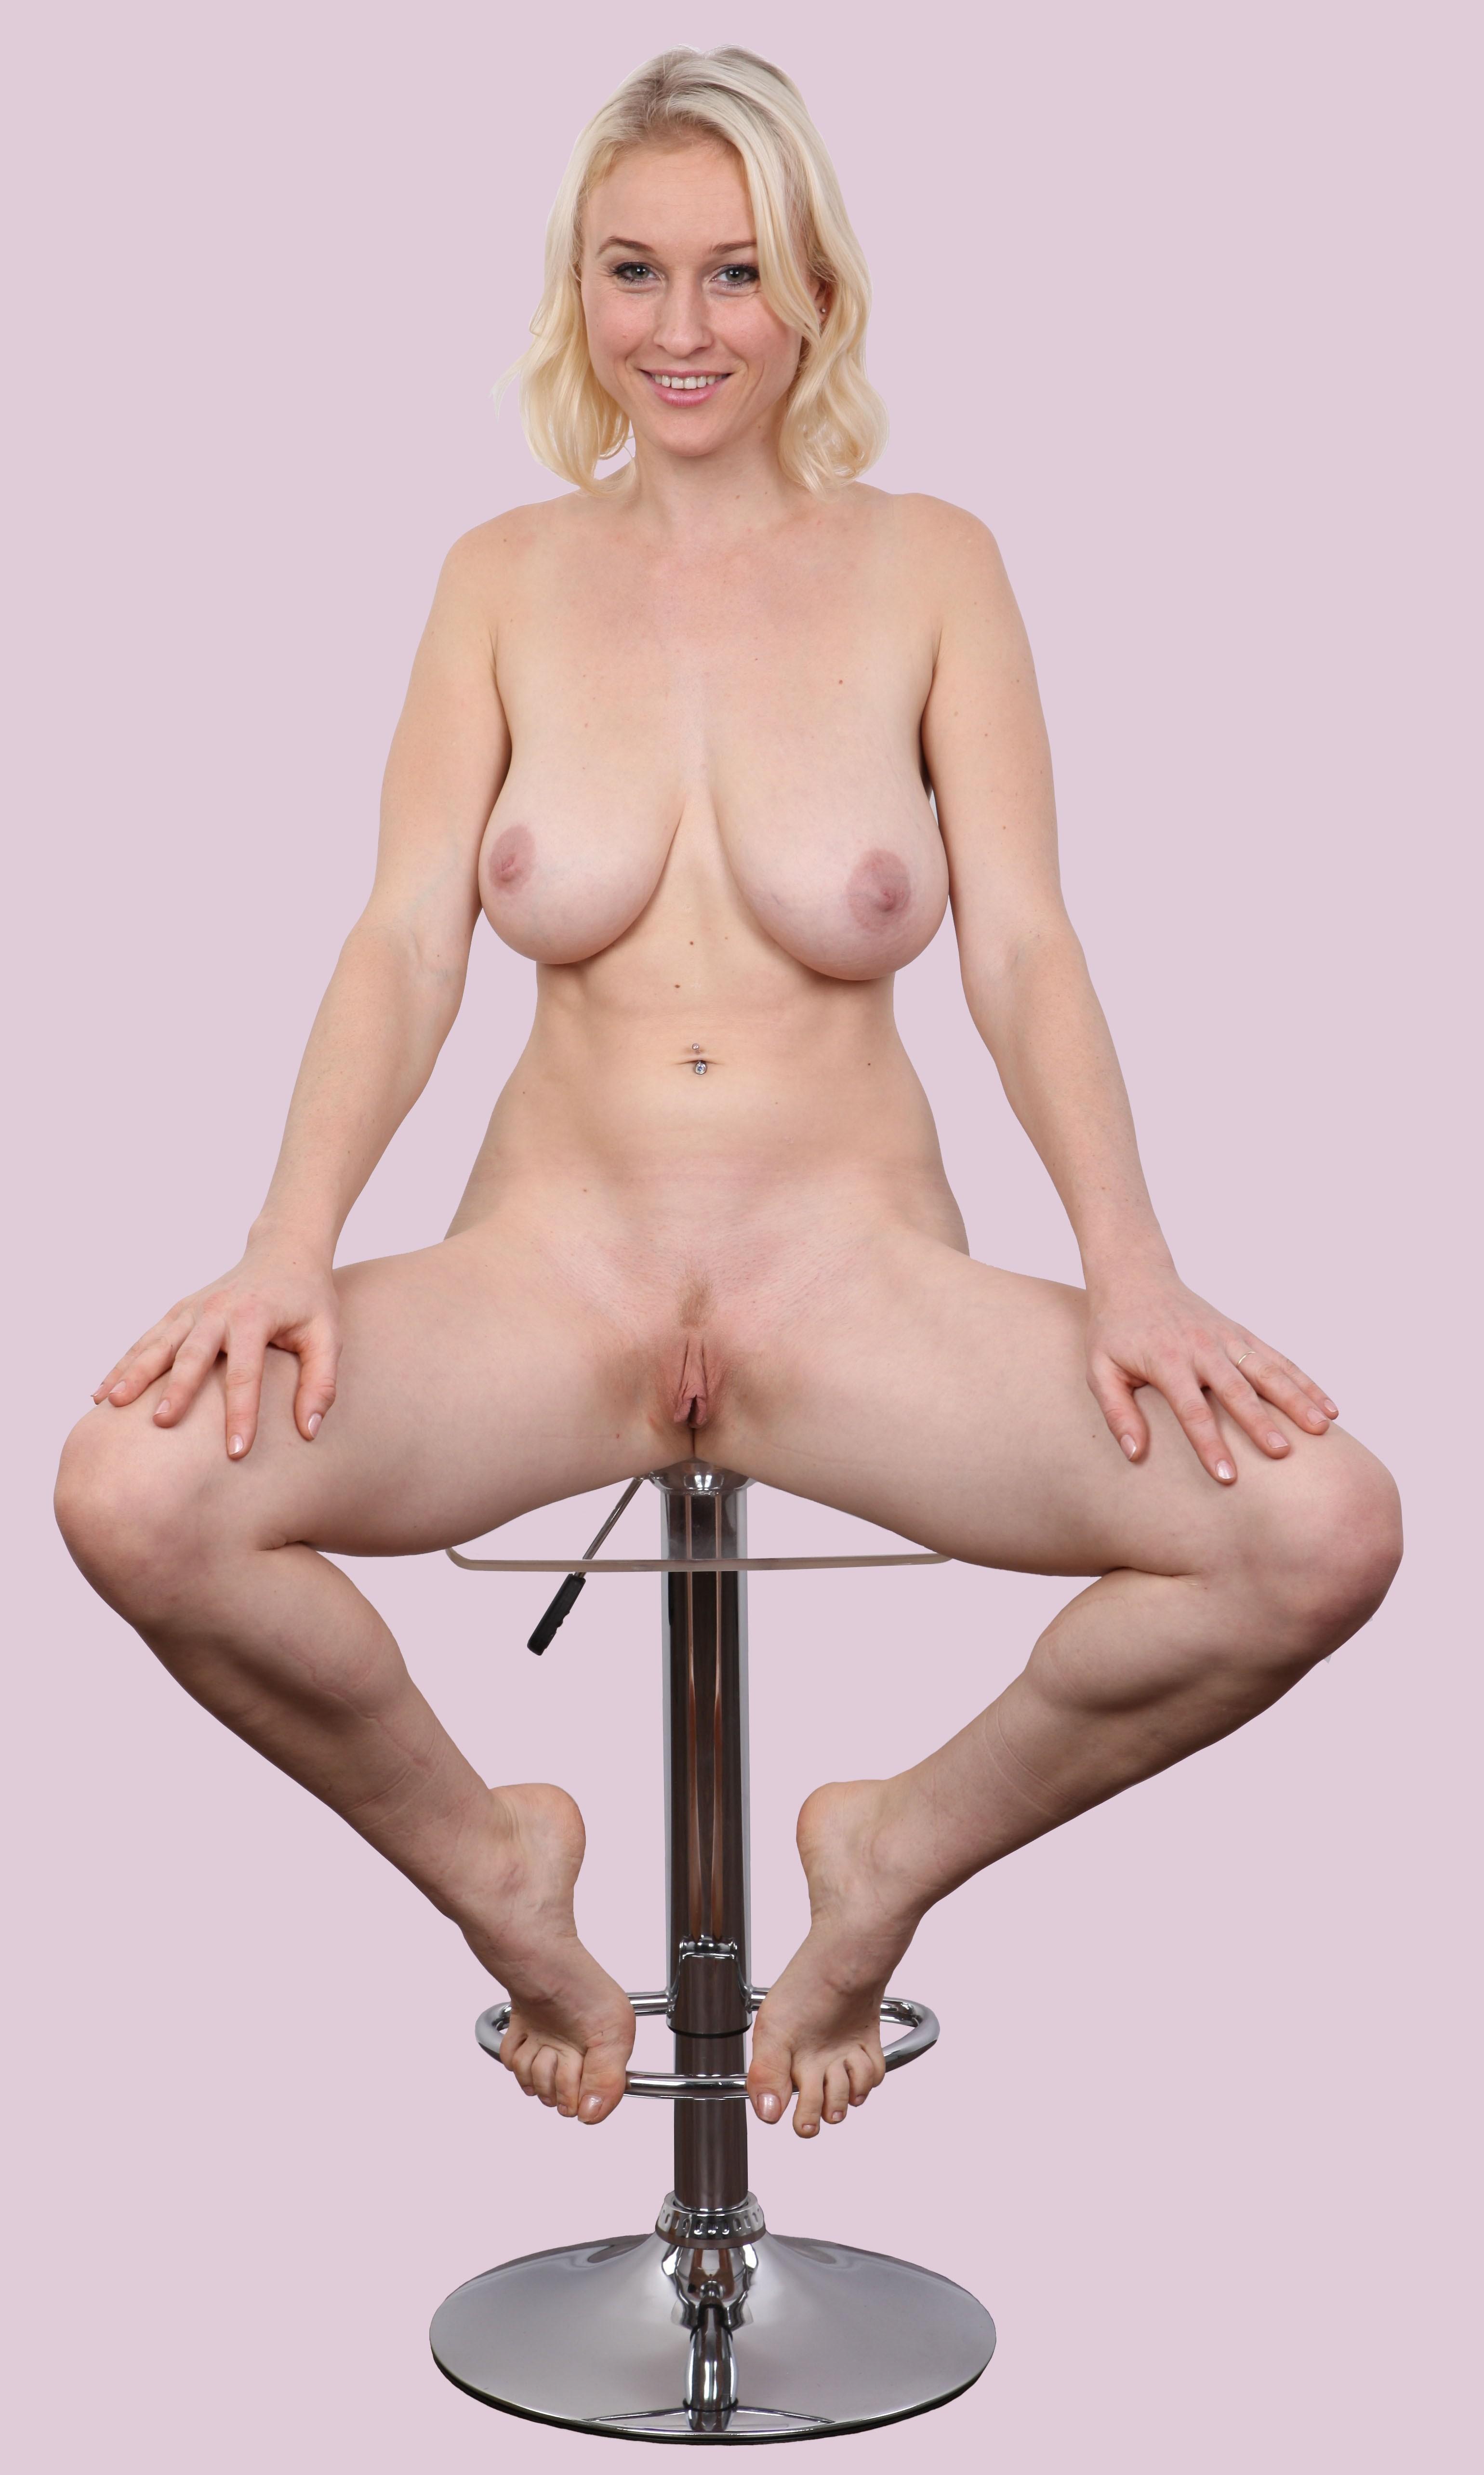 ficken Junge Mädchen - Kostenlose Sexbilder und heisse Pornobilder - Bild 6118